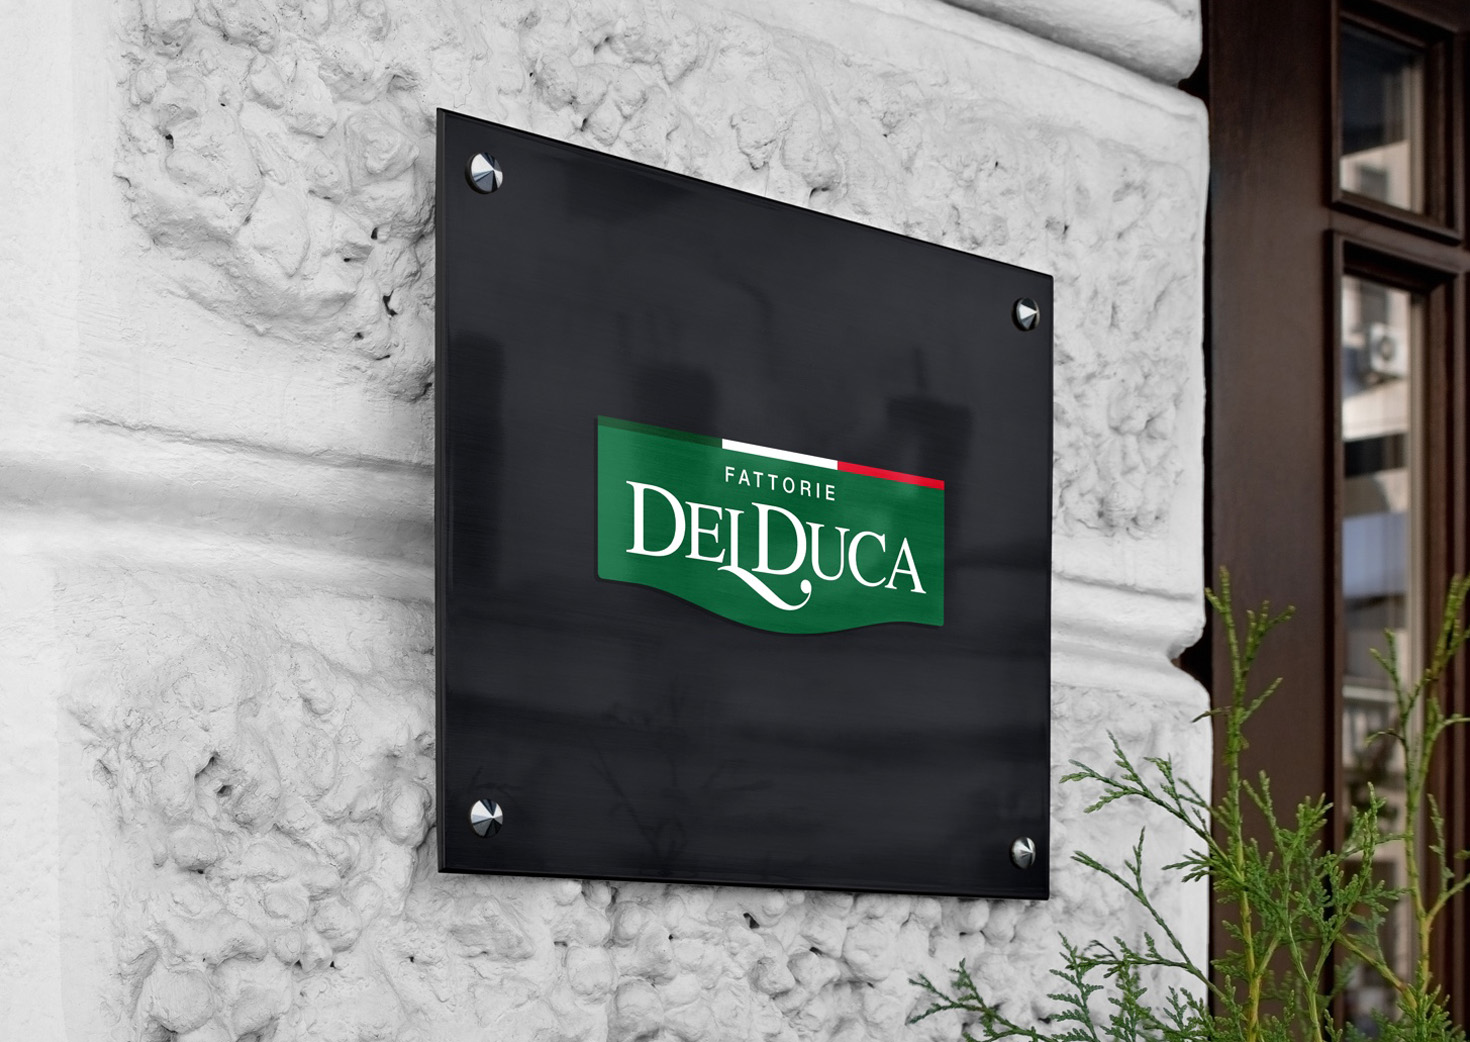 delduca_12-1